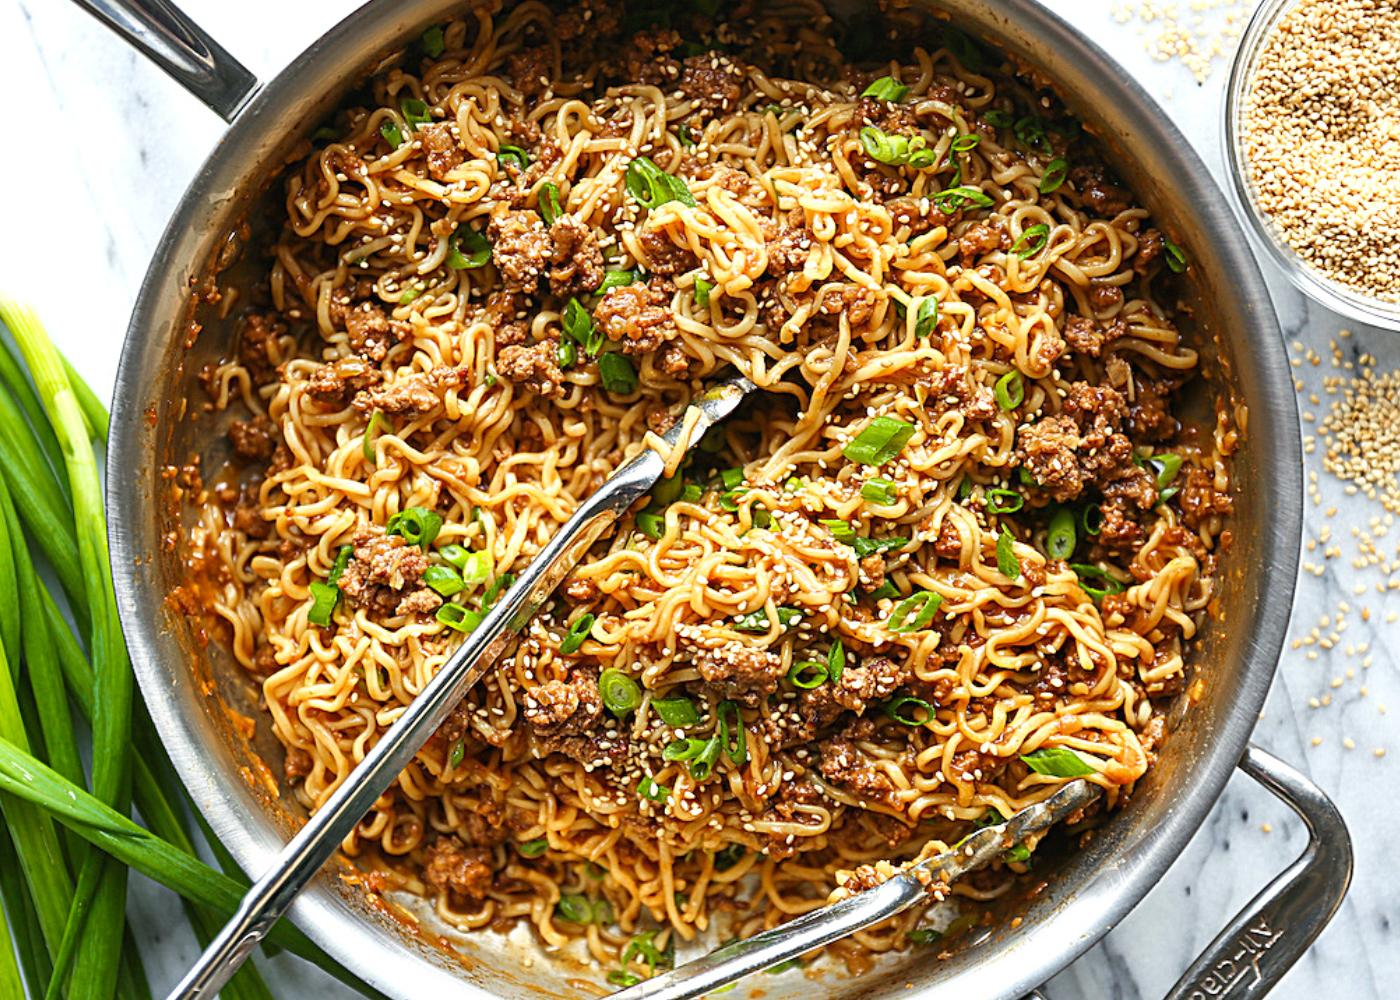 Best upgraded instant noodle recipes: Stir fried ramen